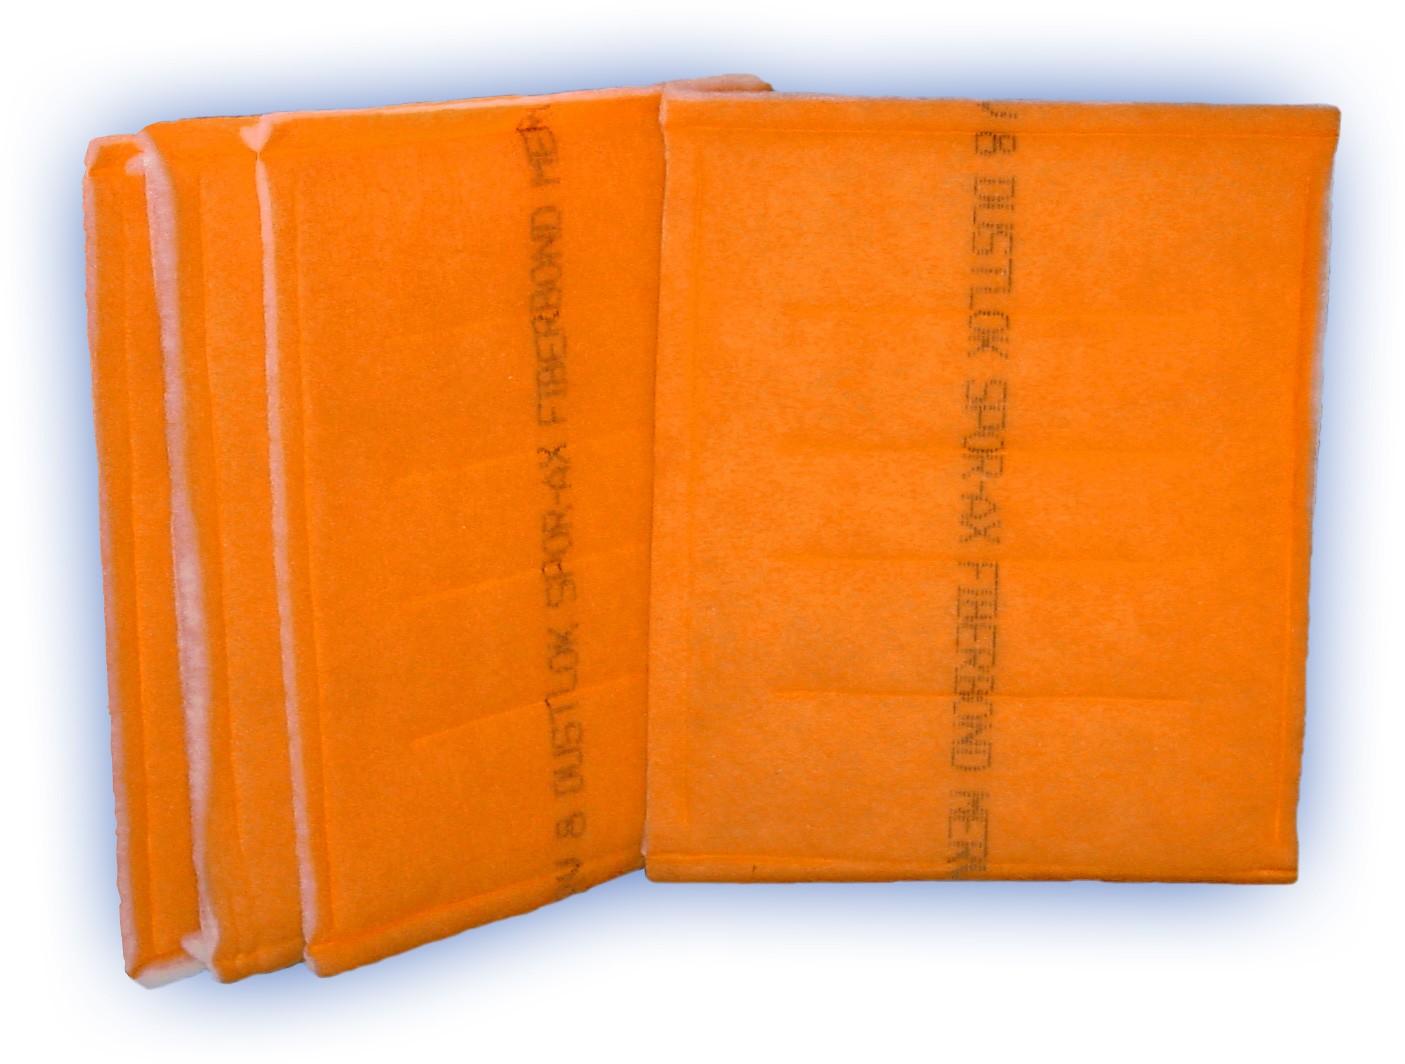 12 x 24 - Fiberbond DustLok 3-ply Panel Filter - MERV 9 (4-Pack)